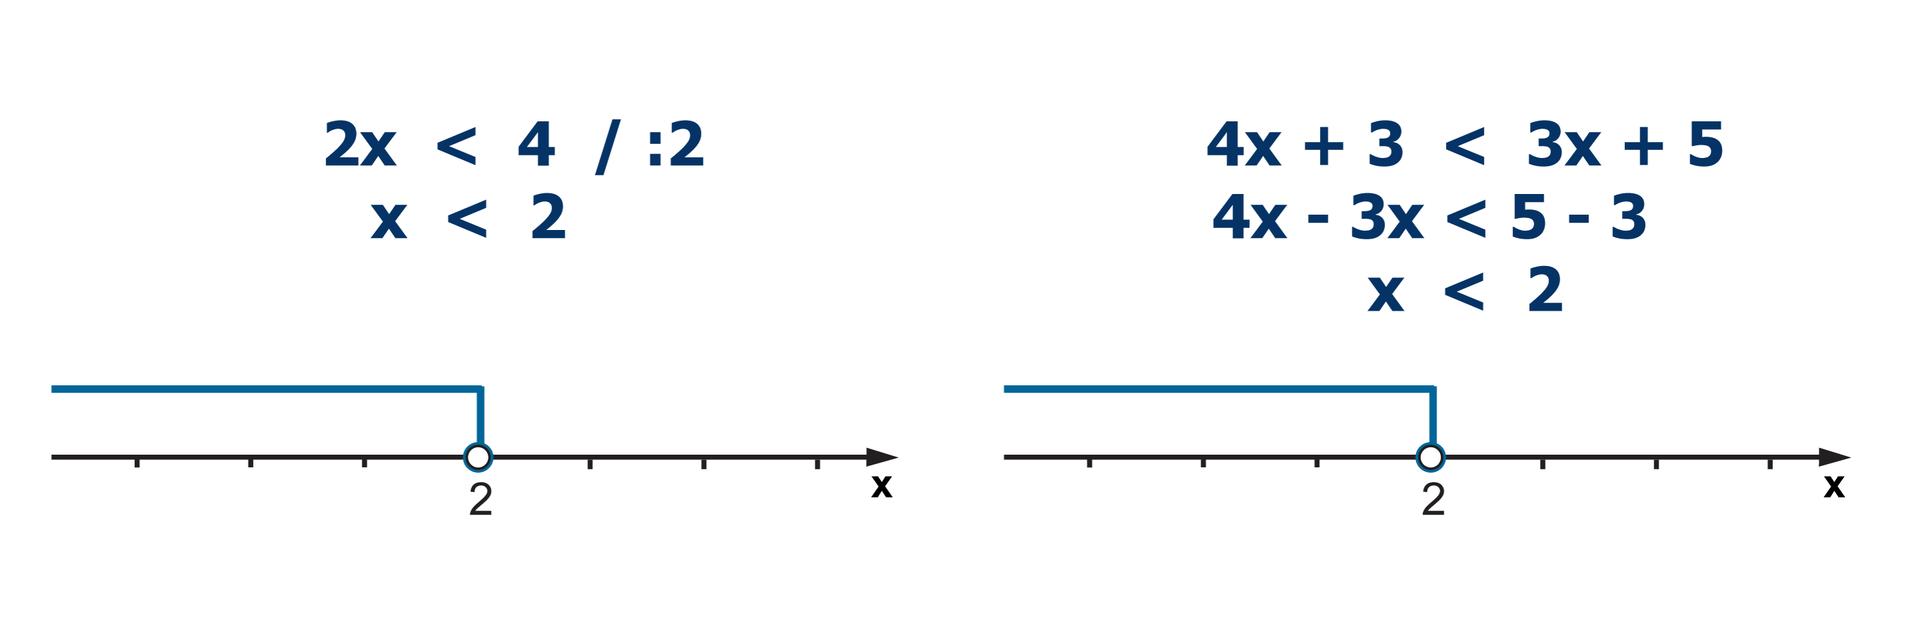 Nierówność pierwsza: 2x < 4. Nierówność podzielona obustronnie przez 2. x< 2. Nierówność druga: 4x +3 < 3x +5. 4x -3x < 5 -3. x< 2. Dwie osie liczbowe zniezamalowanym kółkiem wpunkcie owspółrzędnych 2. Na obu osiach zaznaczone wszystkie liczby mniejsze od 2.